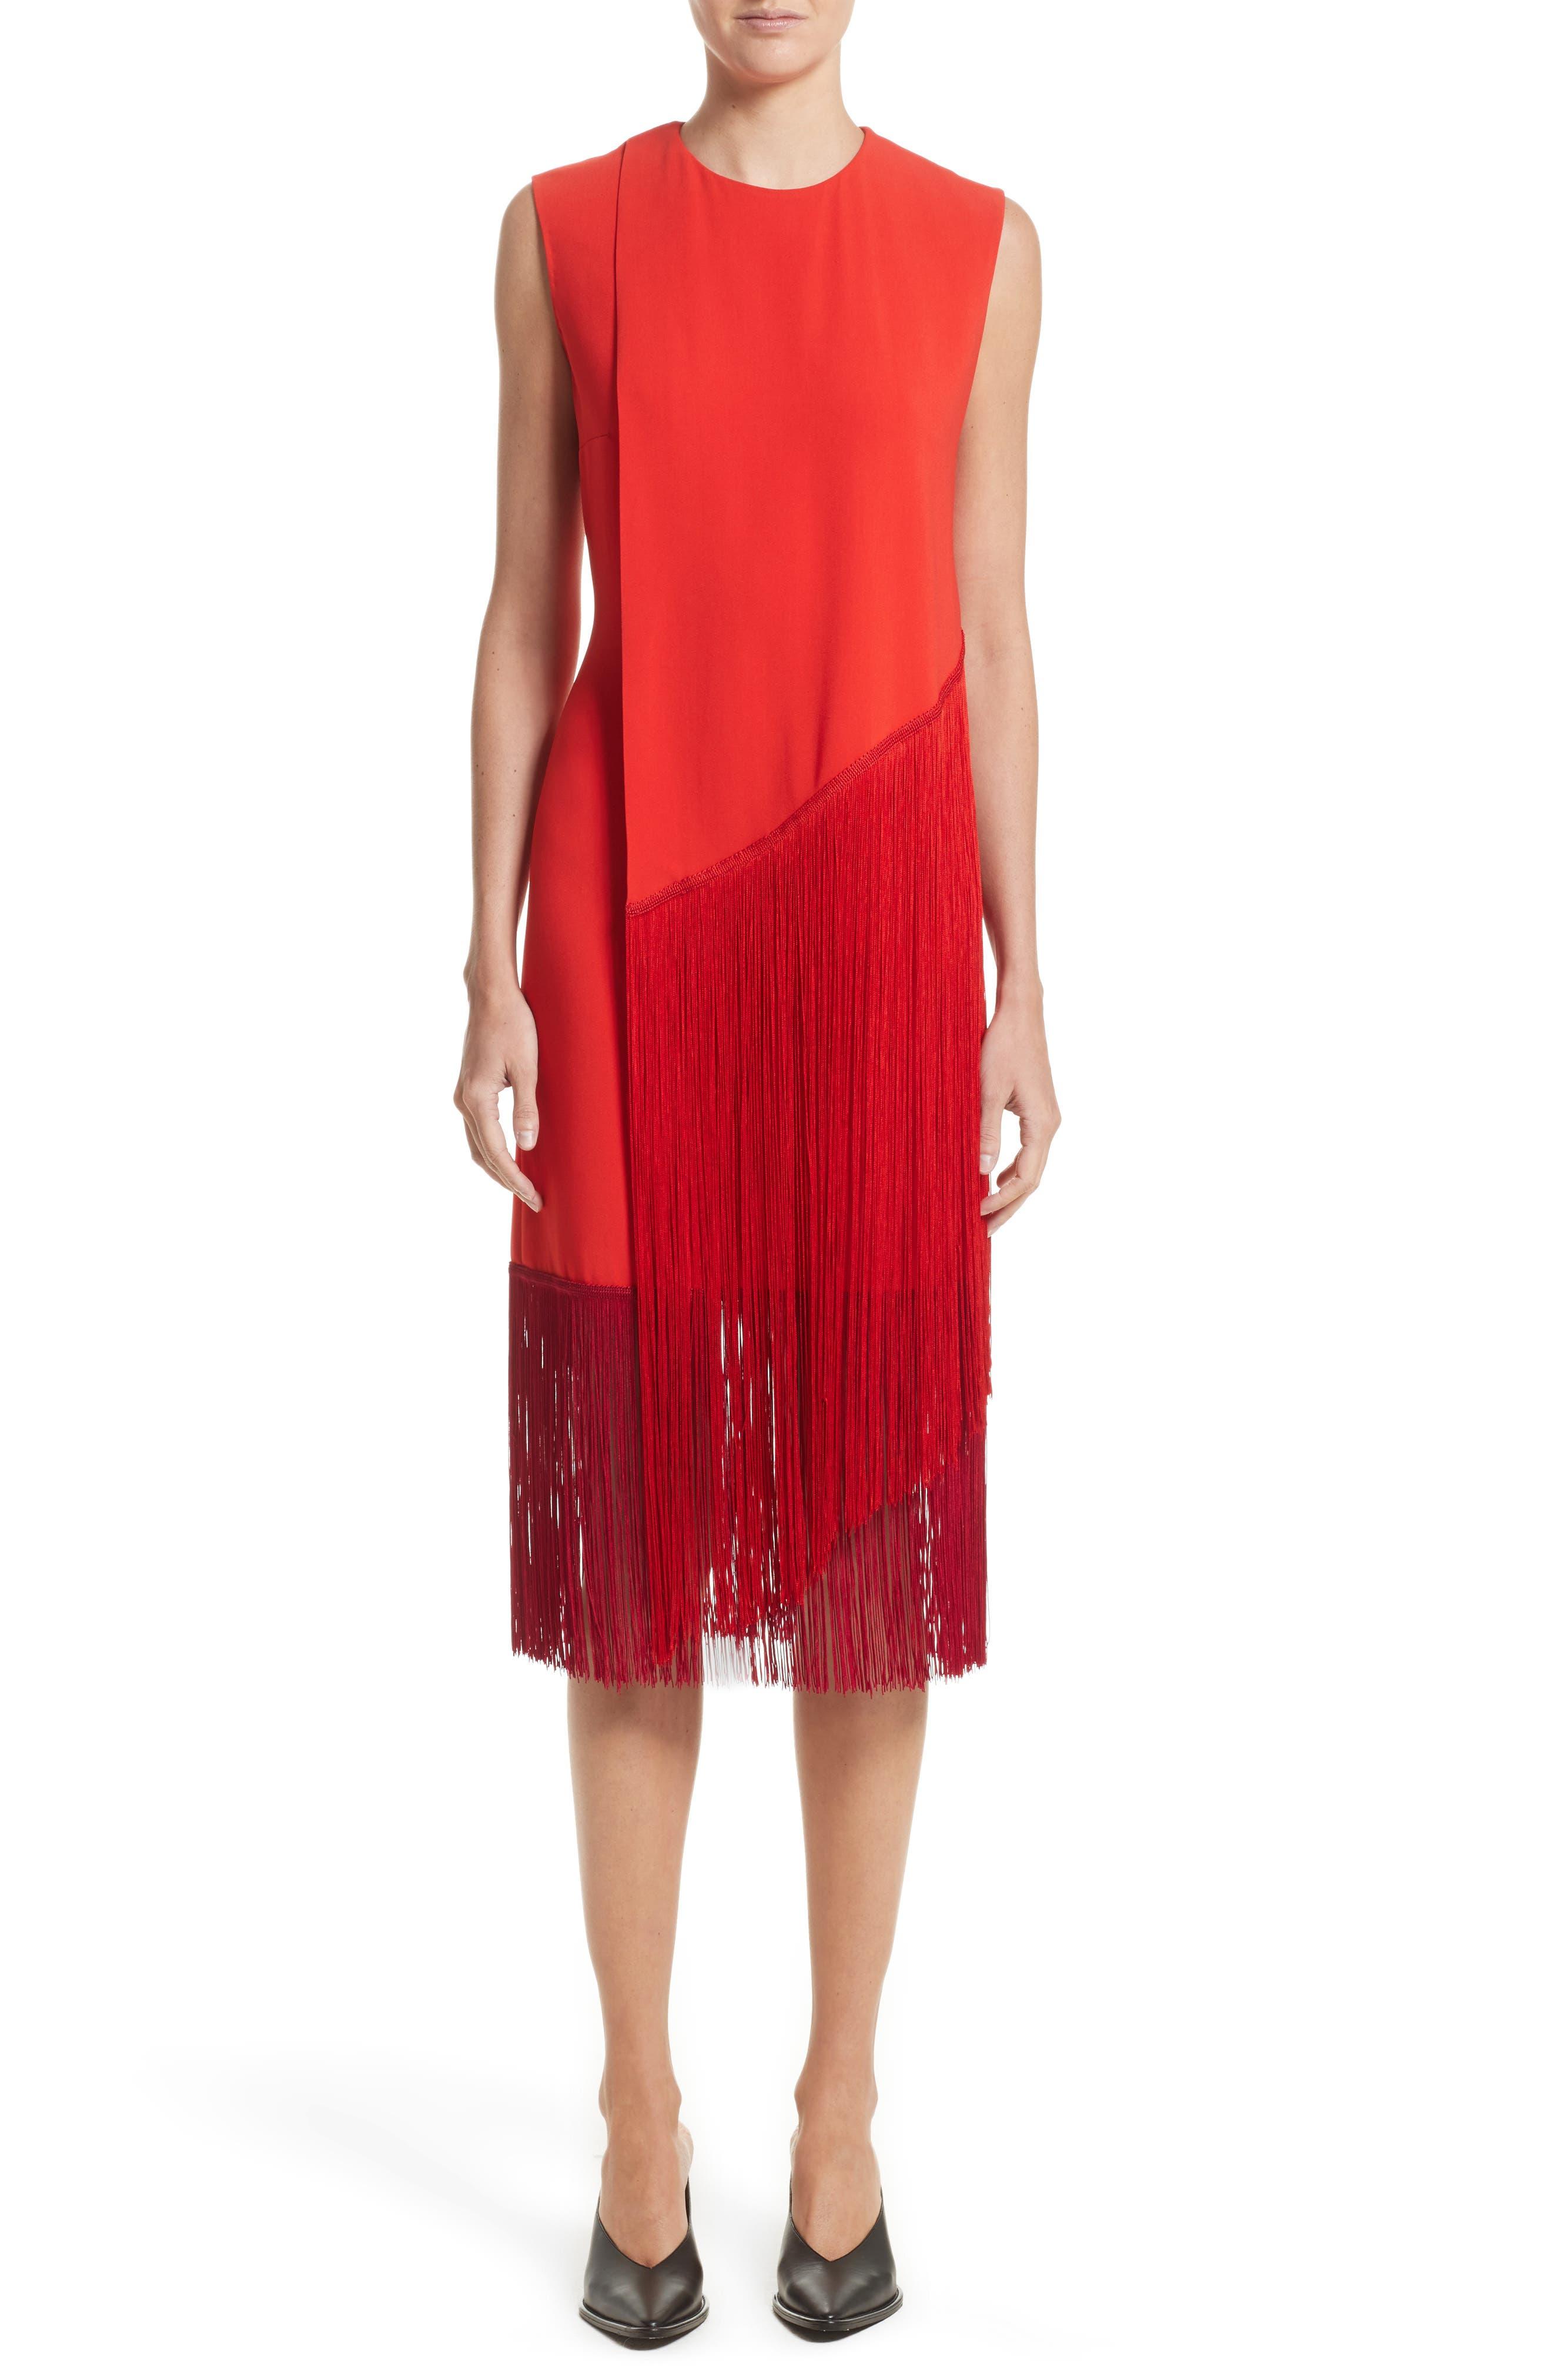 Main Image - Stella McCartney Fringe Overlay Dress